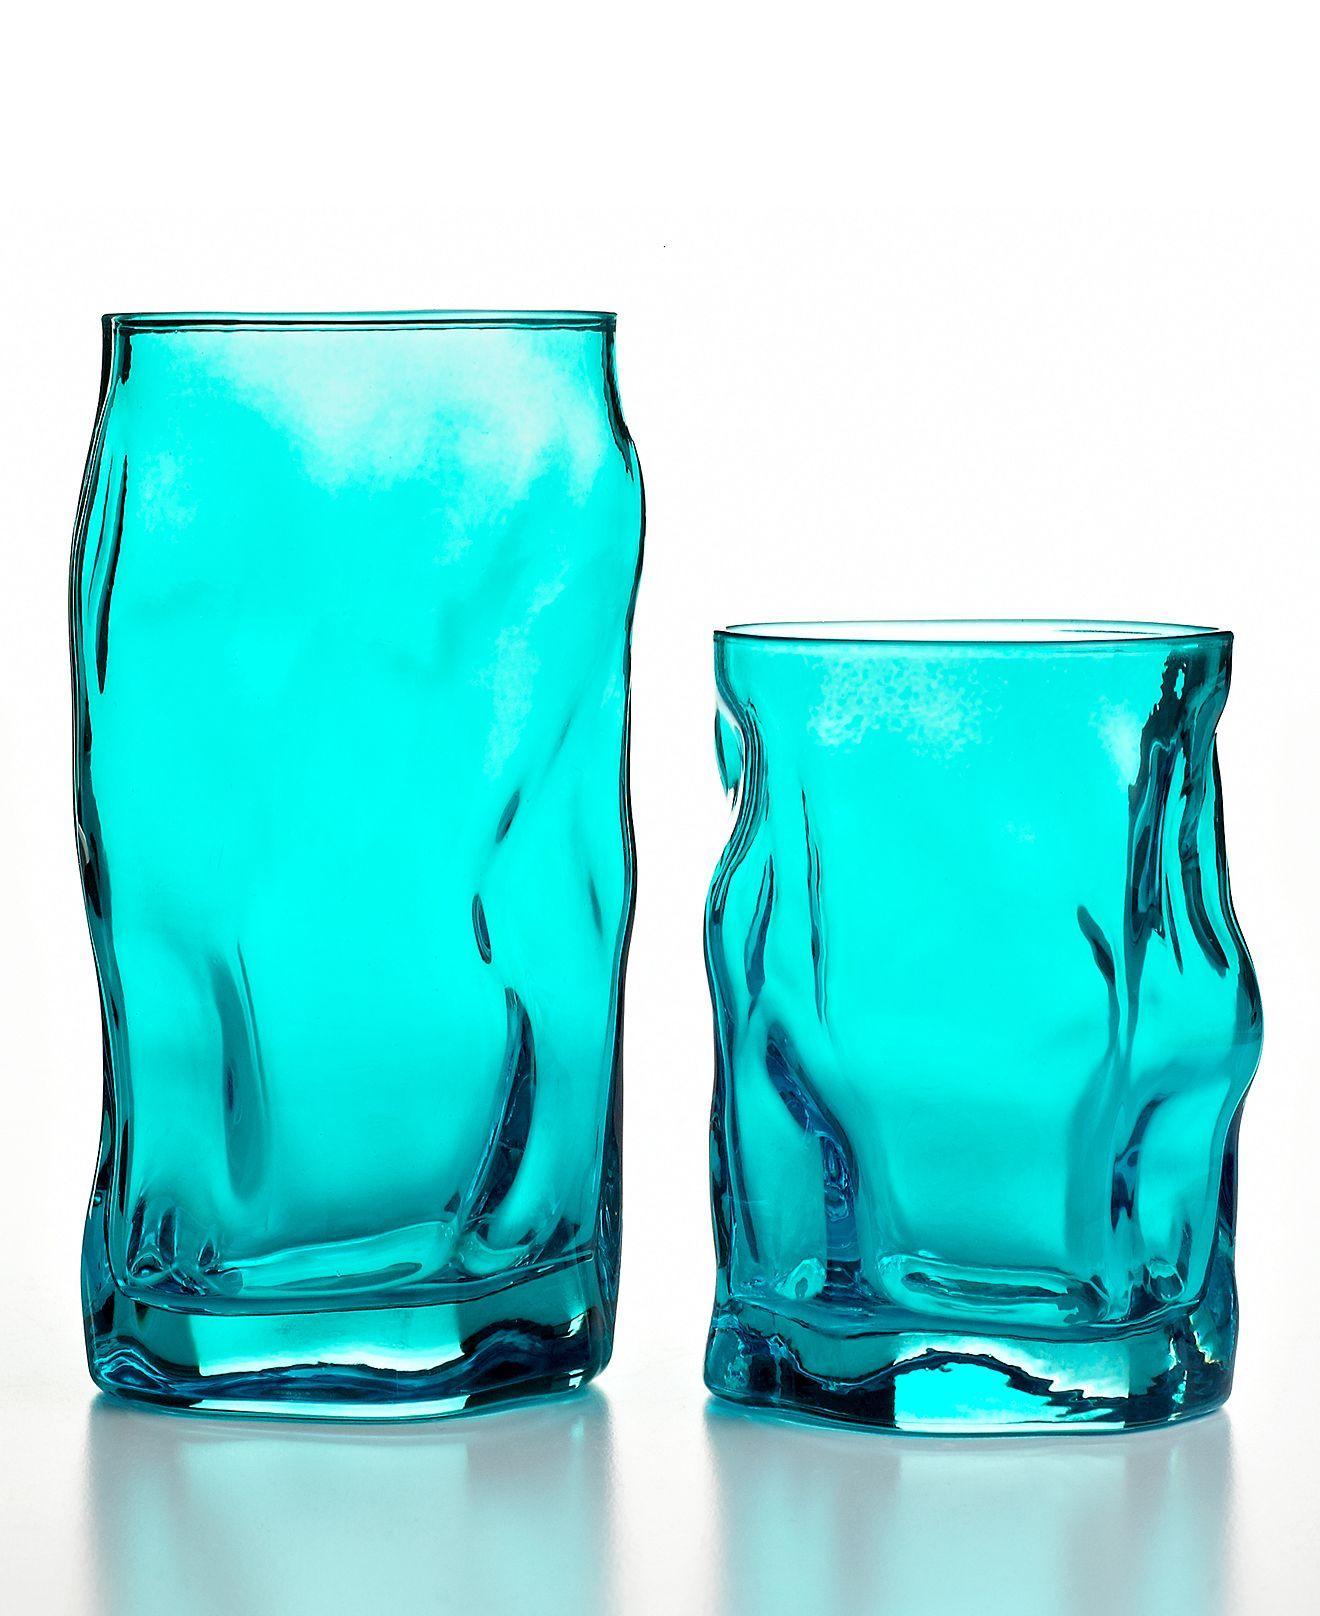 CLOSEOUT! Bormioli Rocco Glassware, Sorgente Sets of 6 Collection ...